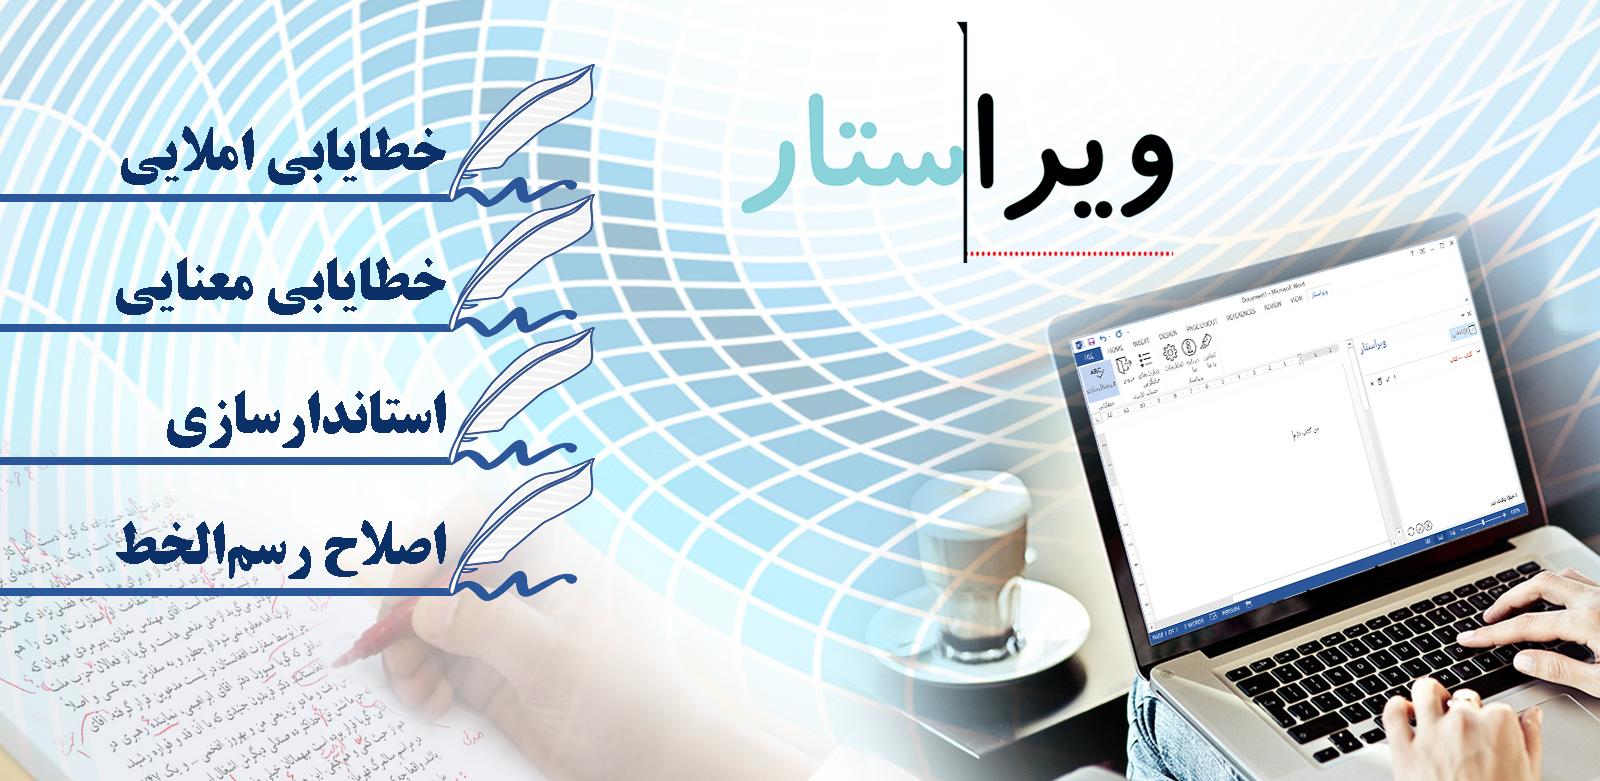 ویراستاری، استانداردسازی، خطایابی، و ویرایش متون فارسی